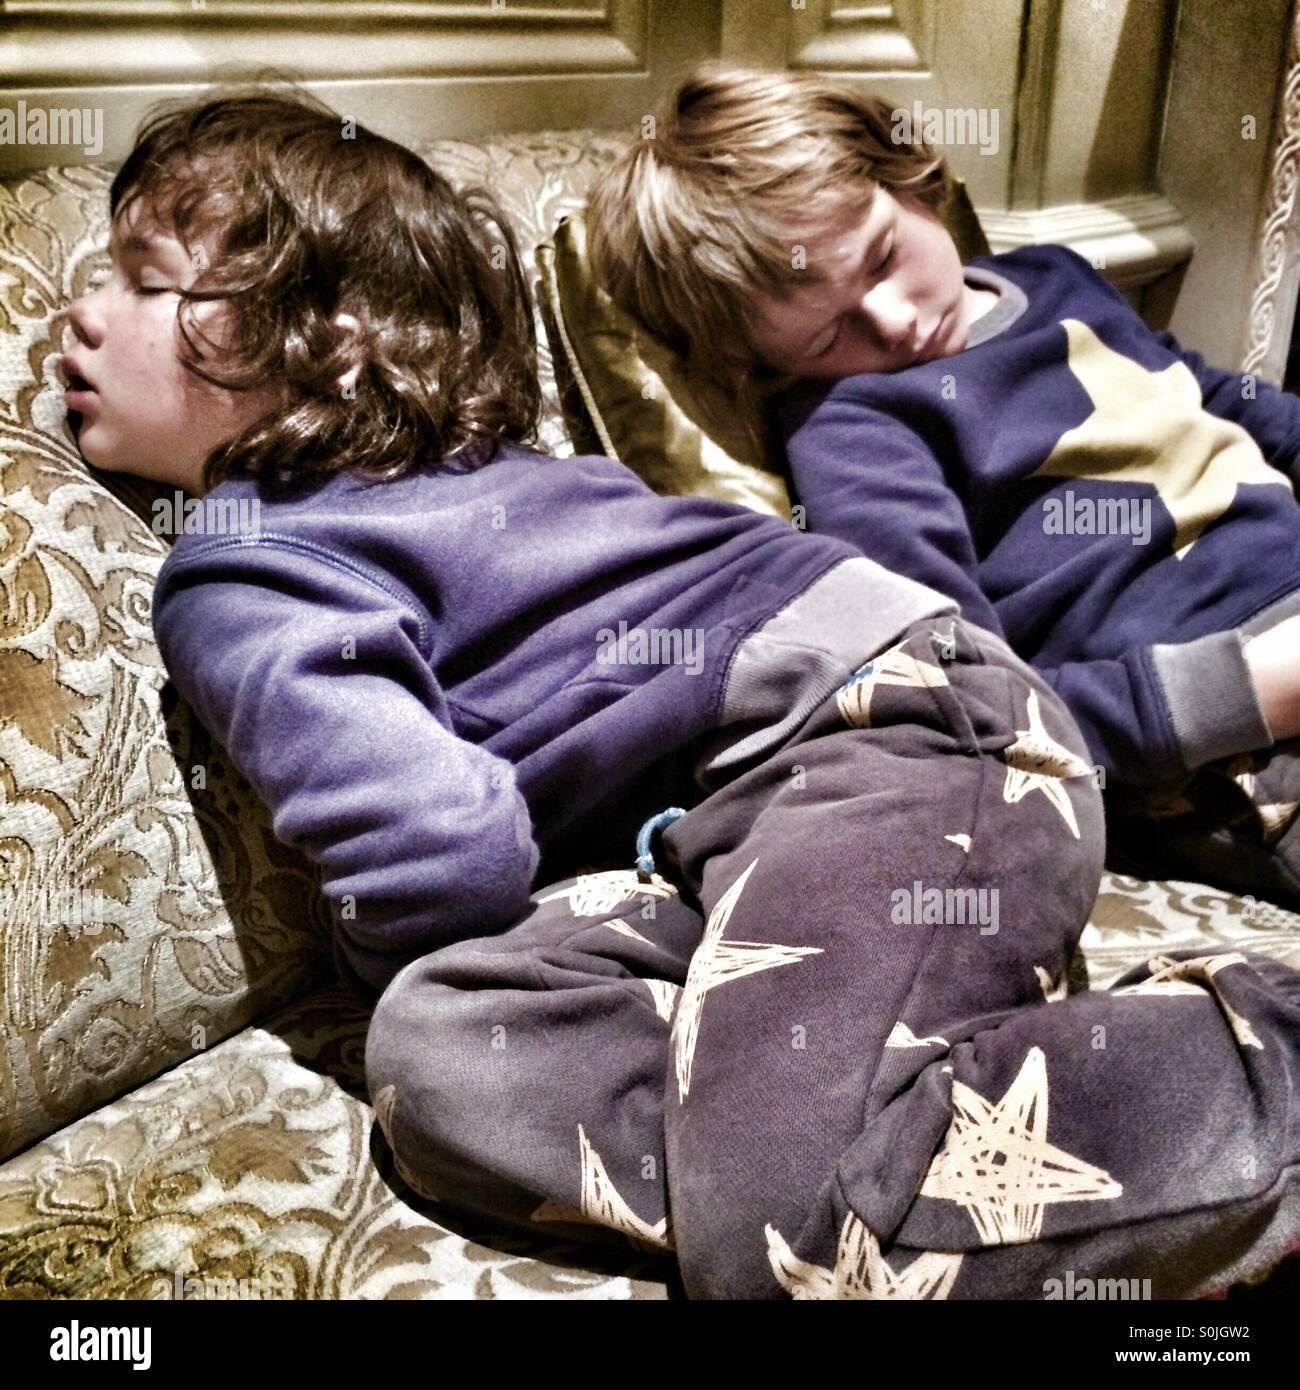 Deux garçons dormant quatre et cinq ans Photo Stock